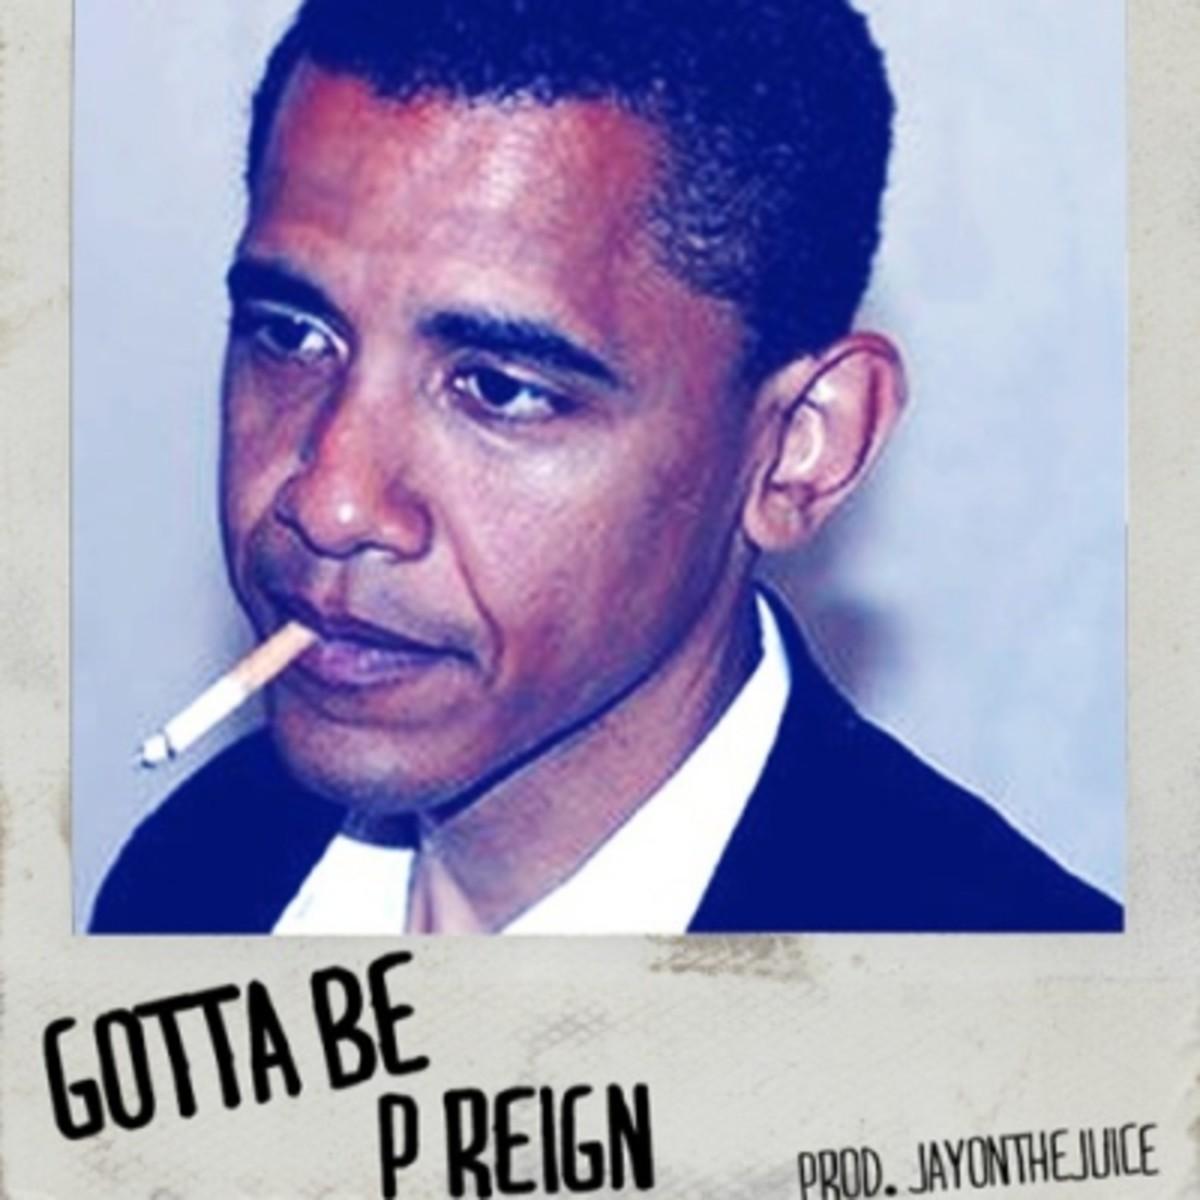 p-reign-gotta-be.jpg